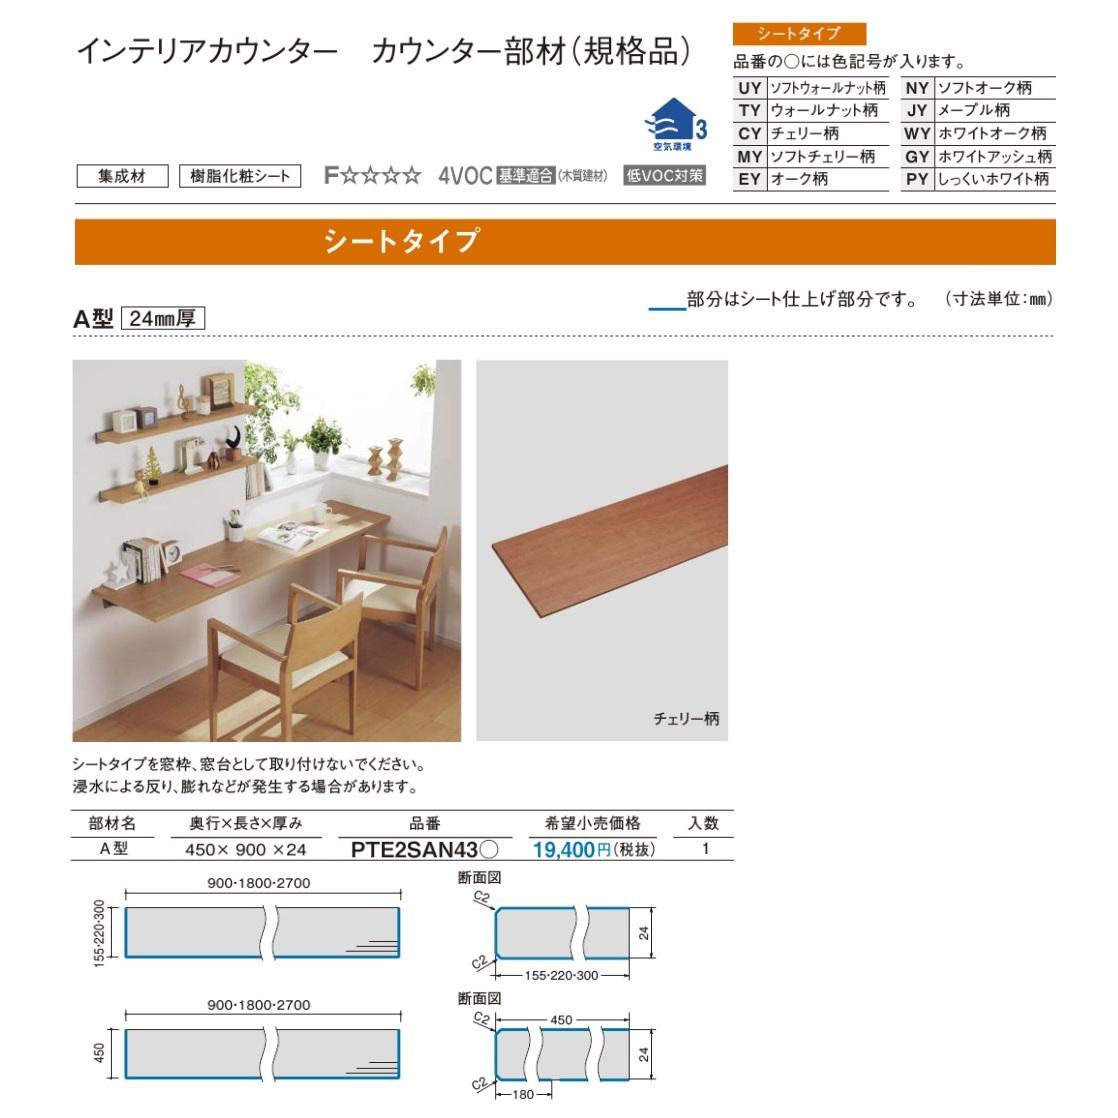 パナソニック インテリアカウンターシートタイプ(A型/450×900×24)【PTE2SAN43〇】